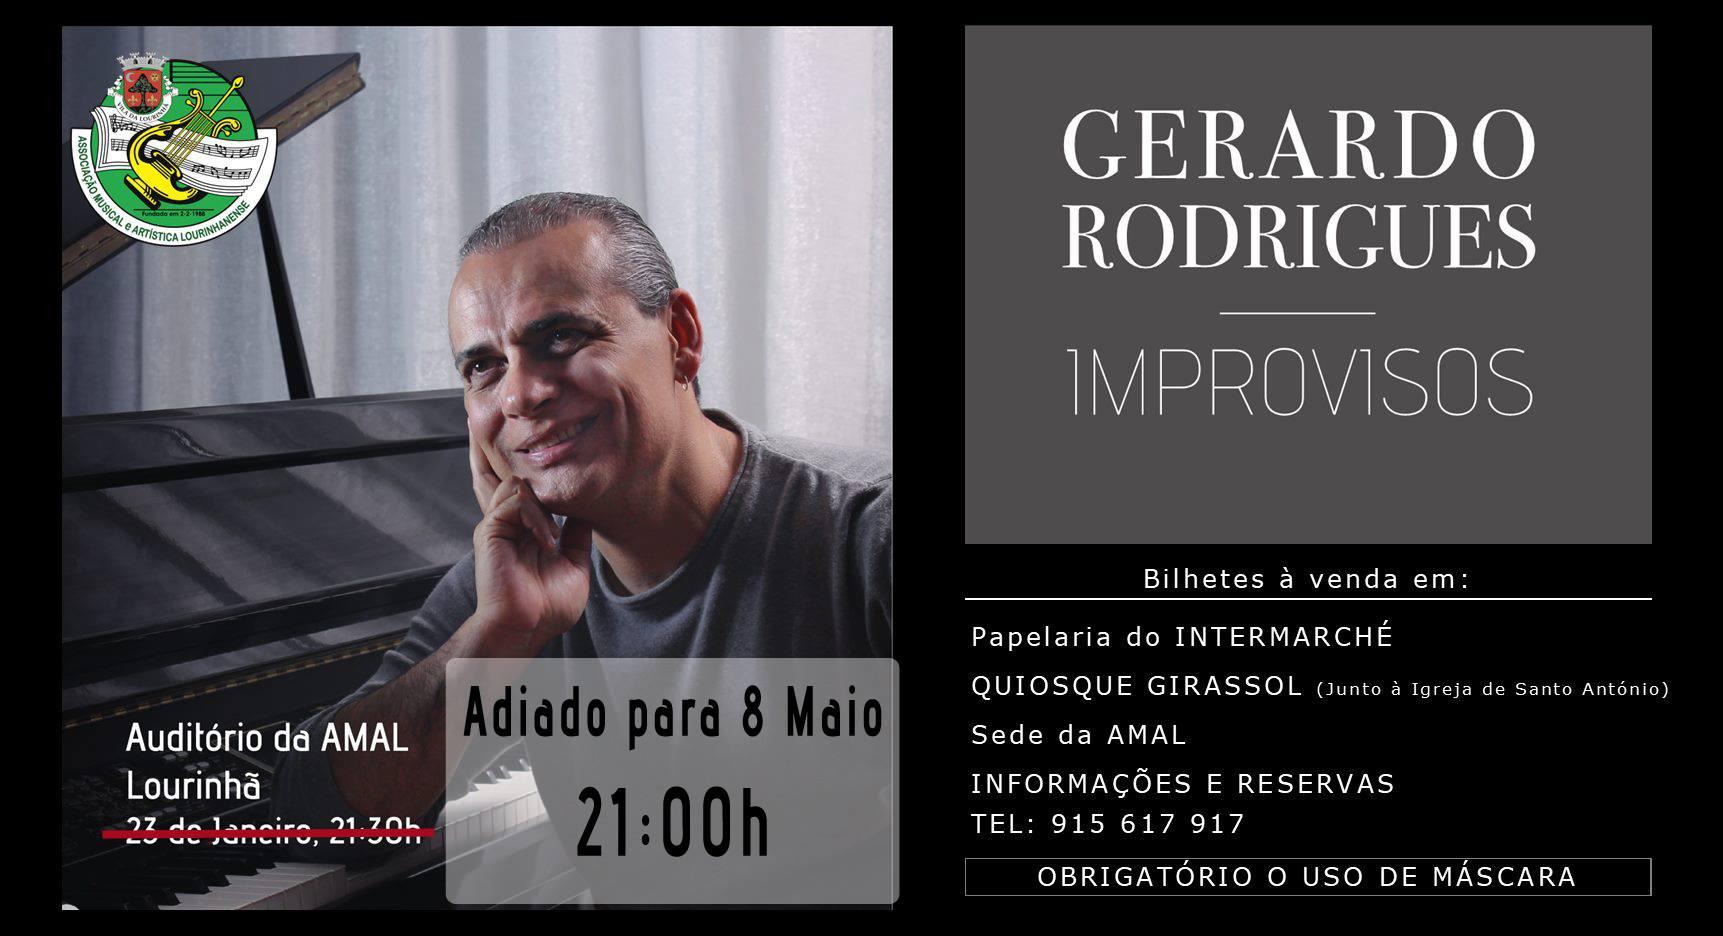 Concerto 'Improvisos' - Gerardo Rodrigues